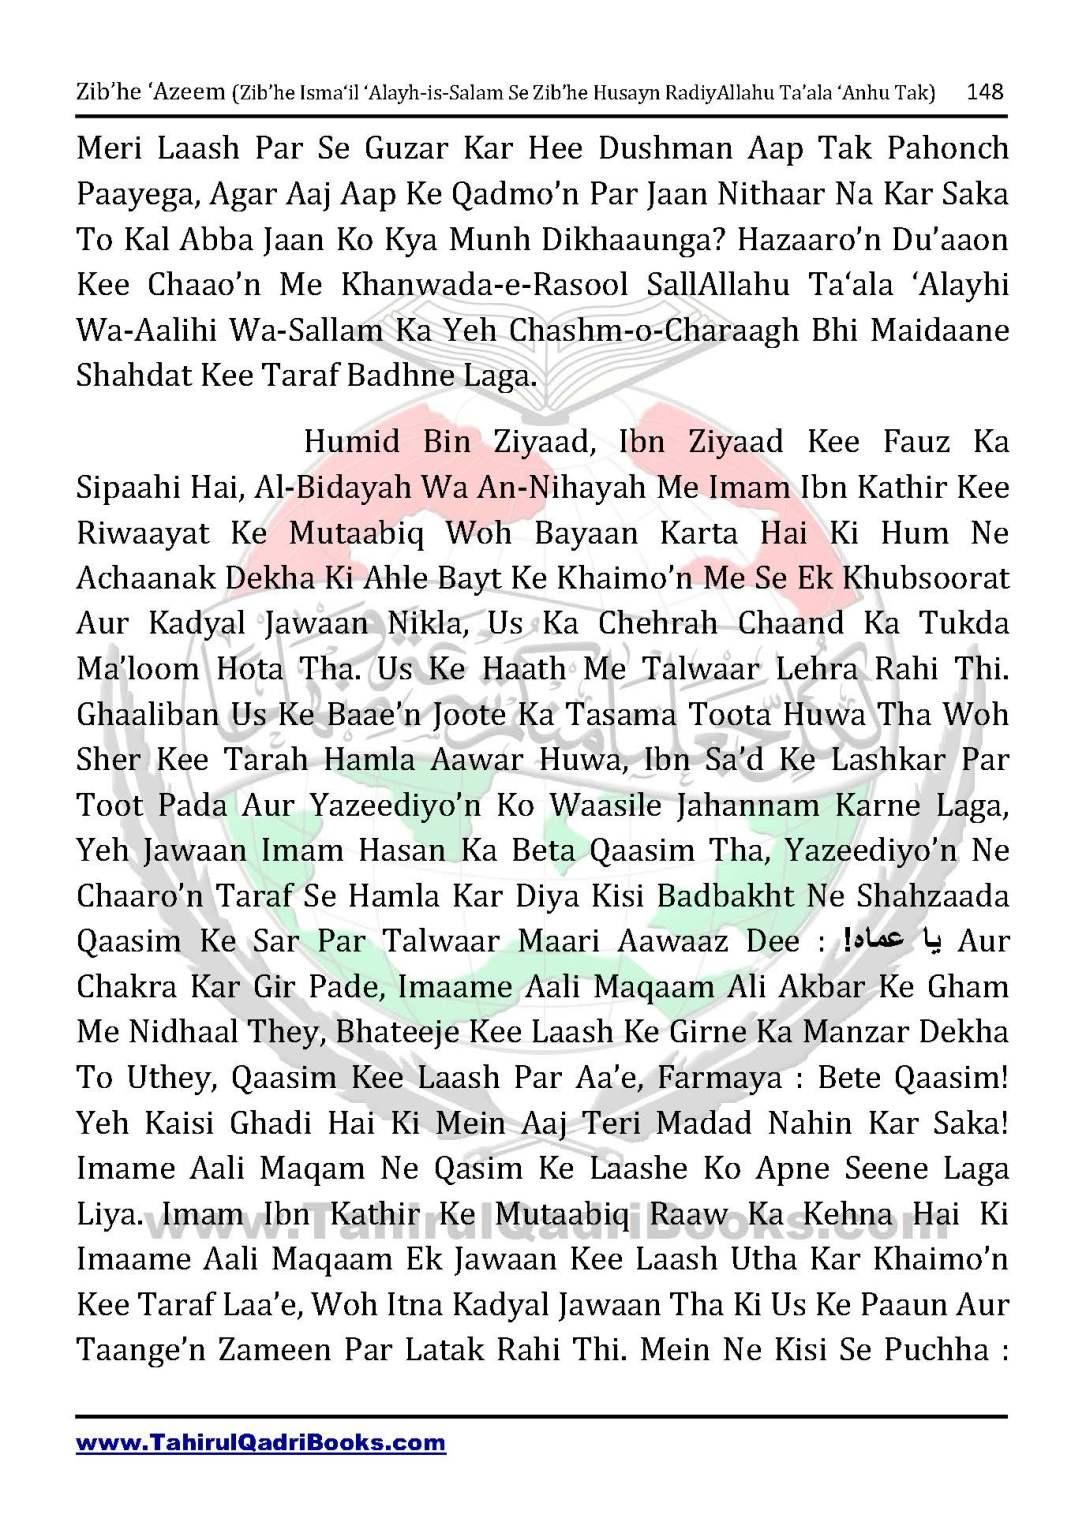 zib_he-e28098azeem-zib_he-ismacabbil-se-zib_he-husayn-tak-in-roman-urdu-unlocked_Page_148